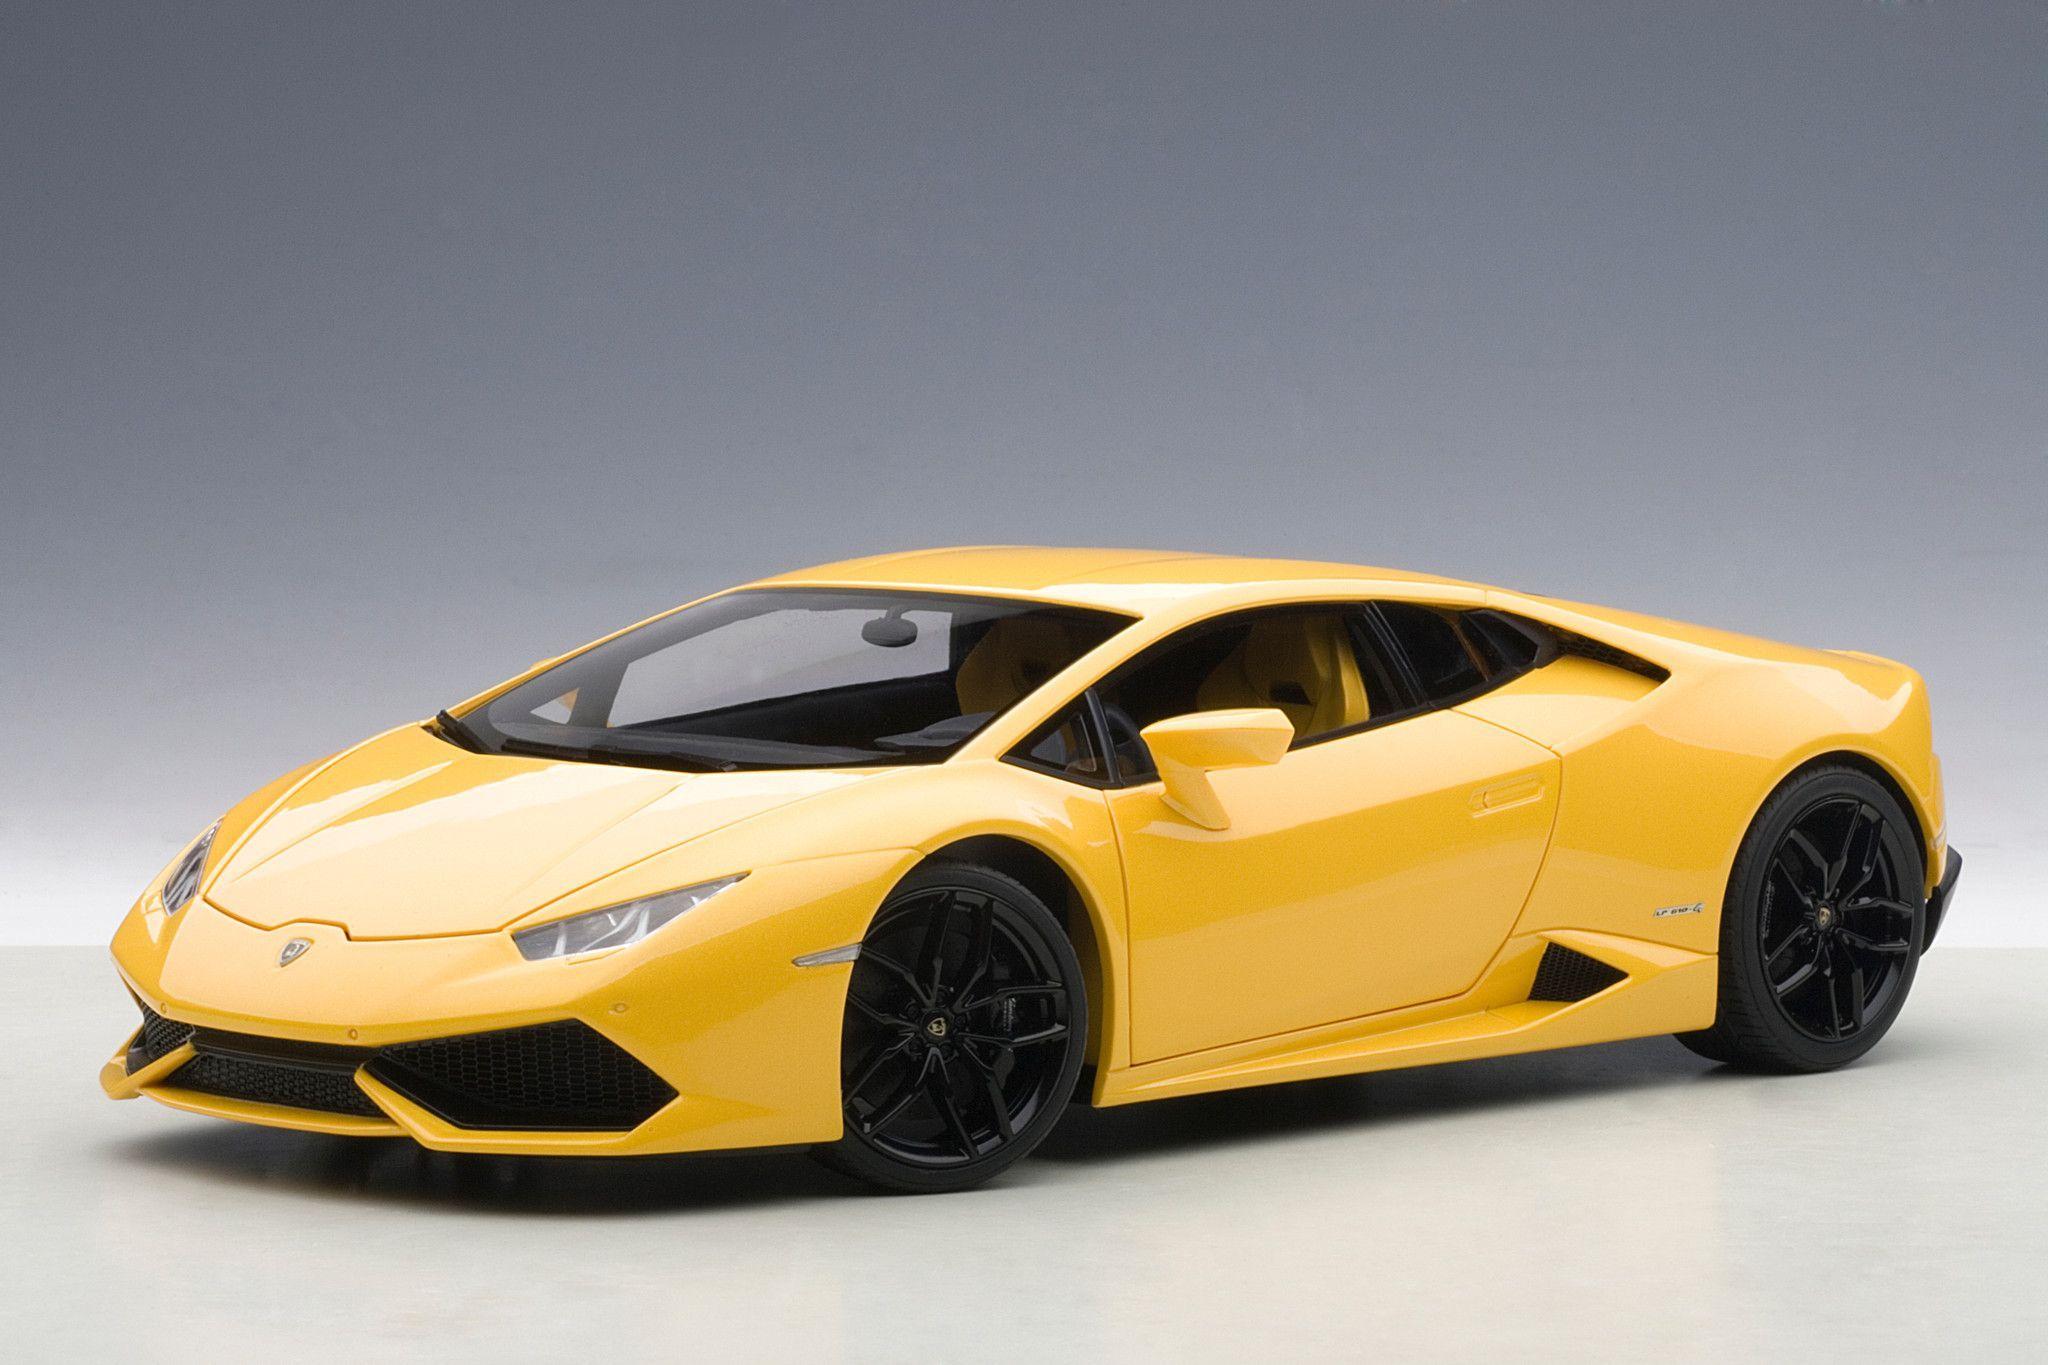 98b93b69b716bc6e93e65b01eb2783f1 Marvelous Lamborghini Huracan Price In Uae Cars Trend